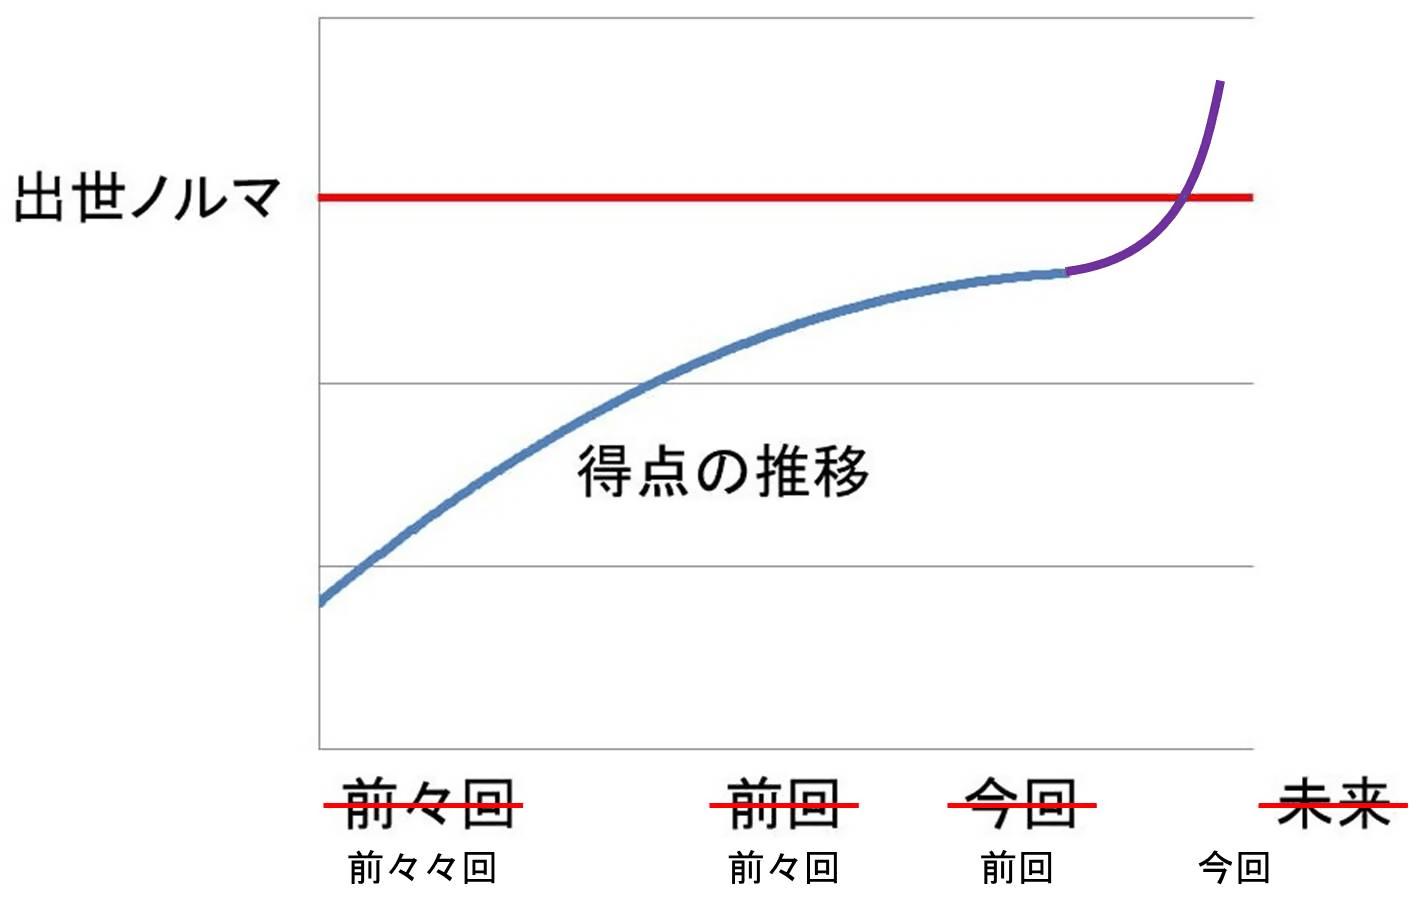 f:id:Mad-Tanuki:20150108210634p:image:w480